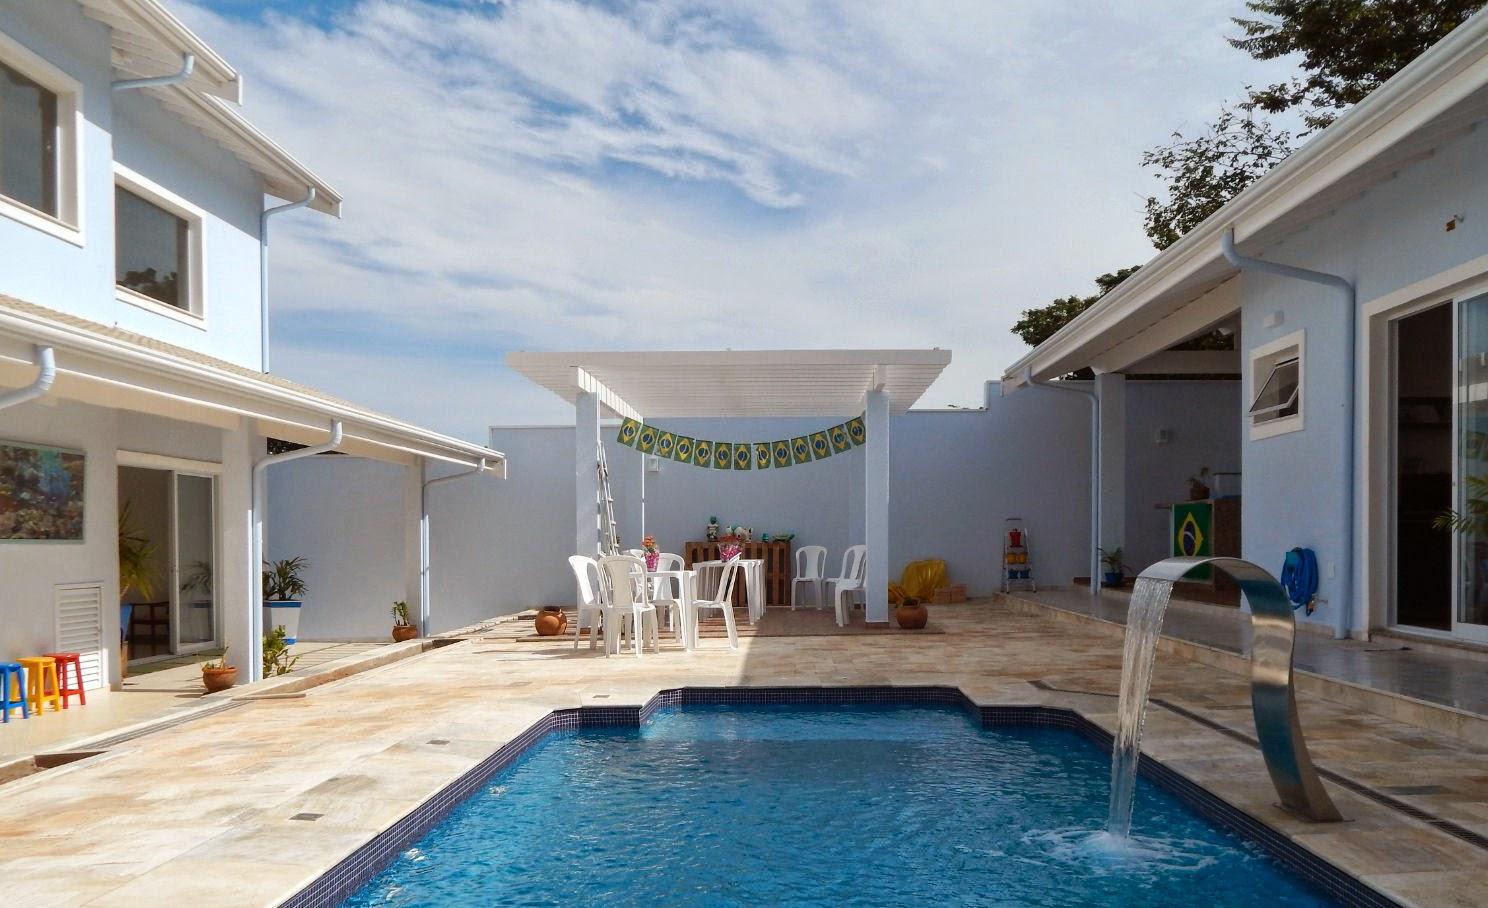 O pergolado diante da piscina com cascata é adornado com bandeiras do Brasil, em clima de Copa do Mundo. O céu de brigadeiro faz composição com a área de lazer.